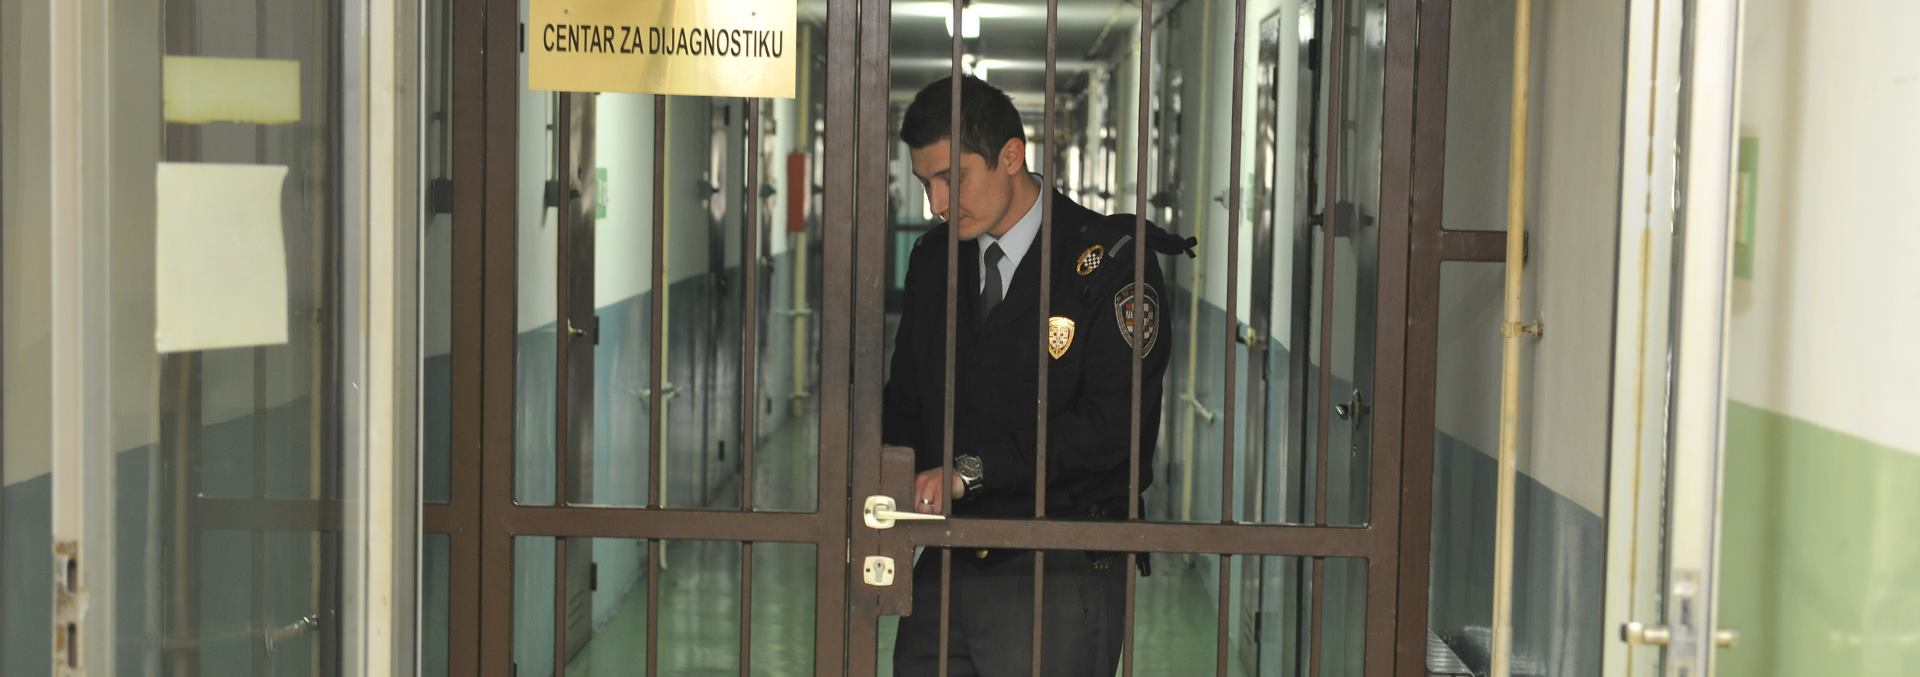 Zatvorenici pokušali pobjeći iz zatvora u Mostaru, ozlijeđena dva policajca